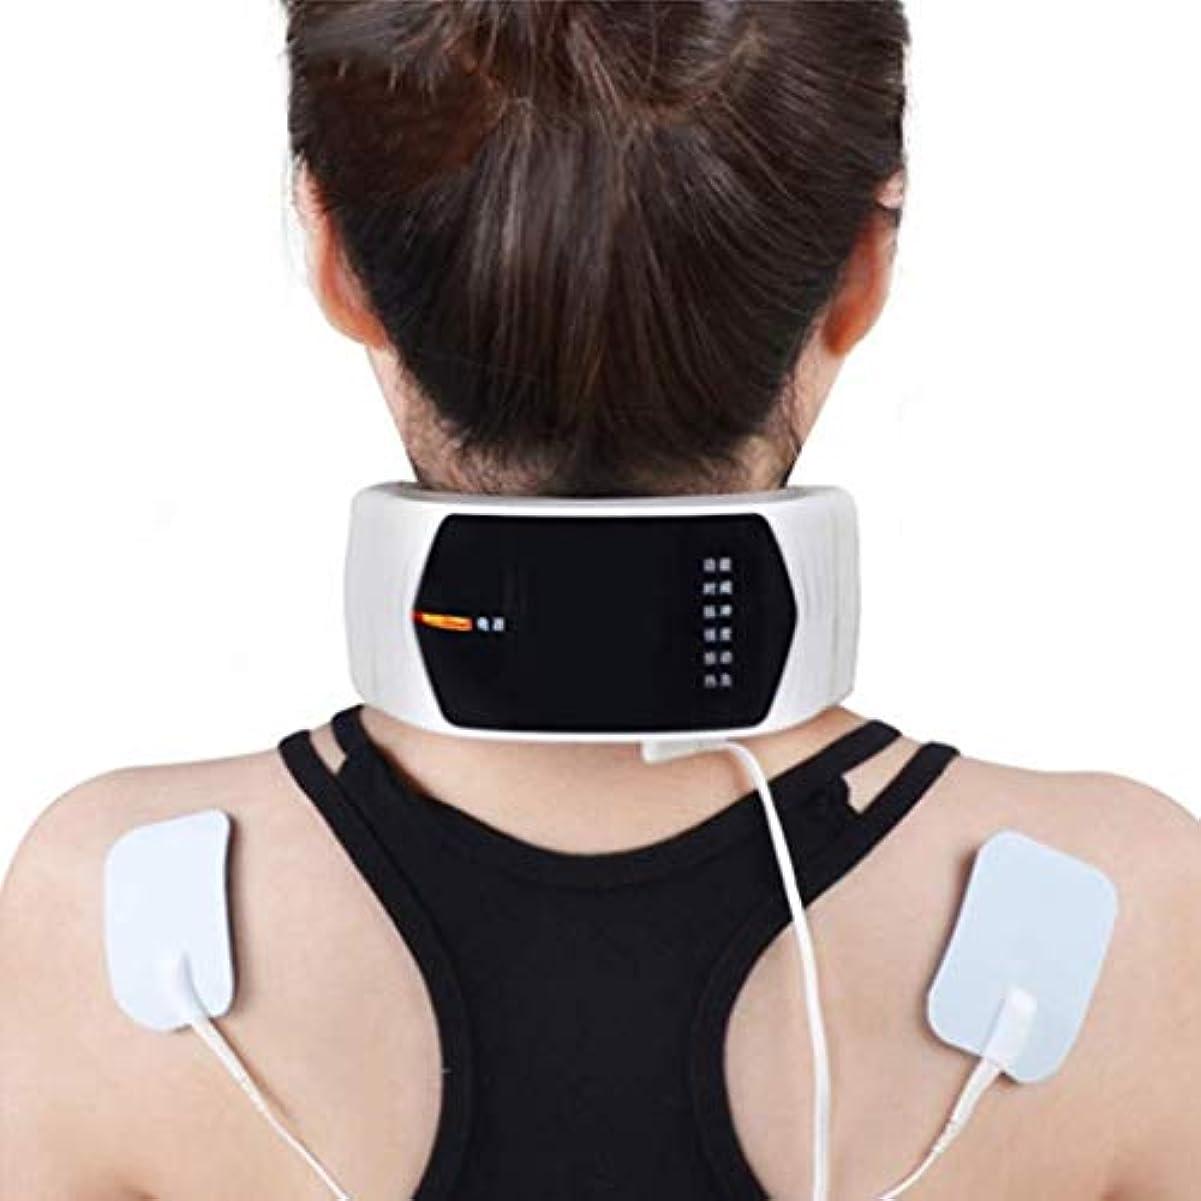 ターゲットアセンブリ余韻電動マッサージャー、パルスネック頸部マッサージャー、ワイヤレスリモコンマッサージツール、インテリジェント理学療法マッサージャープラスアダプター